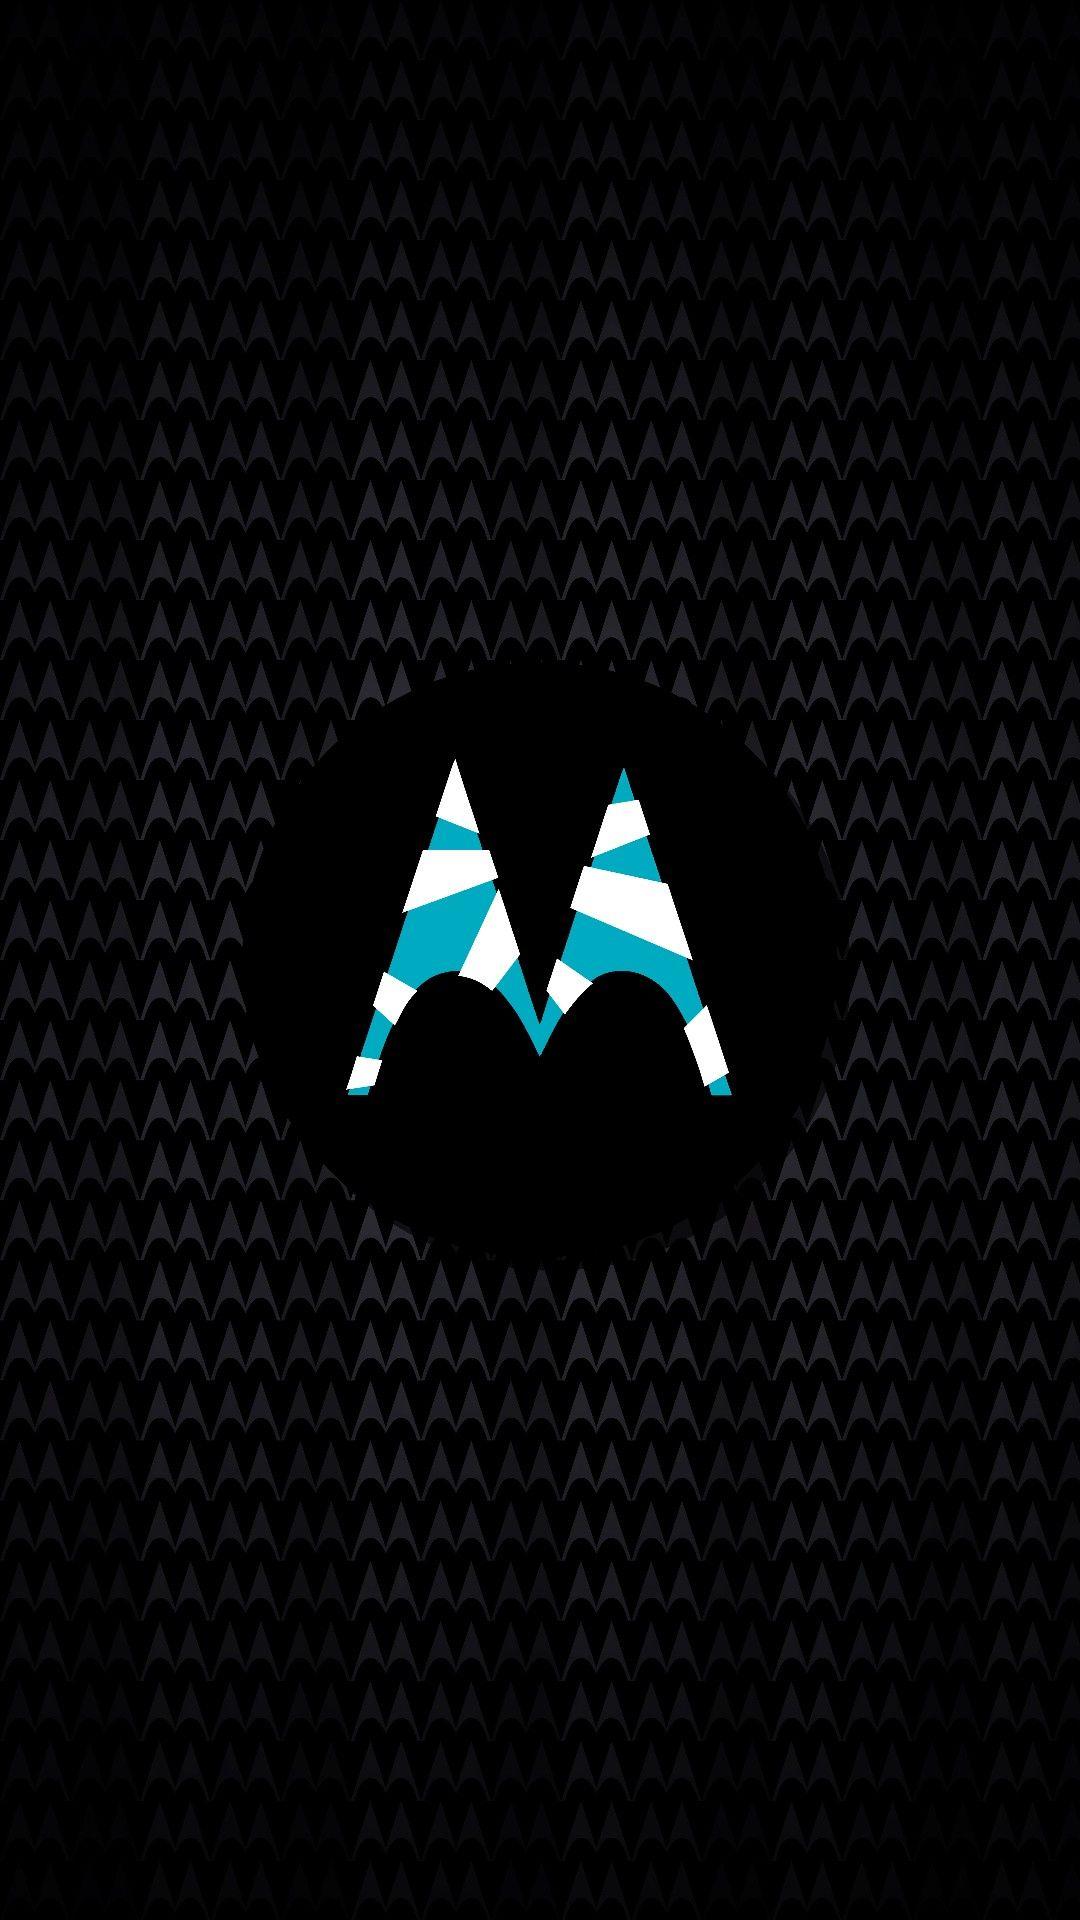 Pin De Planet Wallpaper Em Motorola Logo Wallpapers Fundo De Tela Celular Papel De Parede Android Papel De Parede Para Telefone